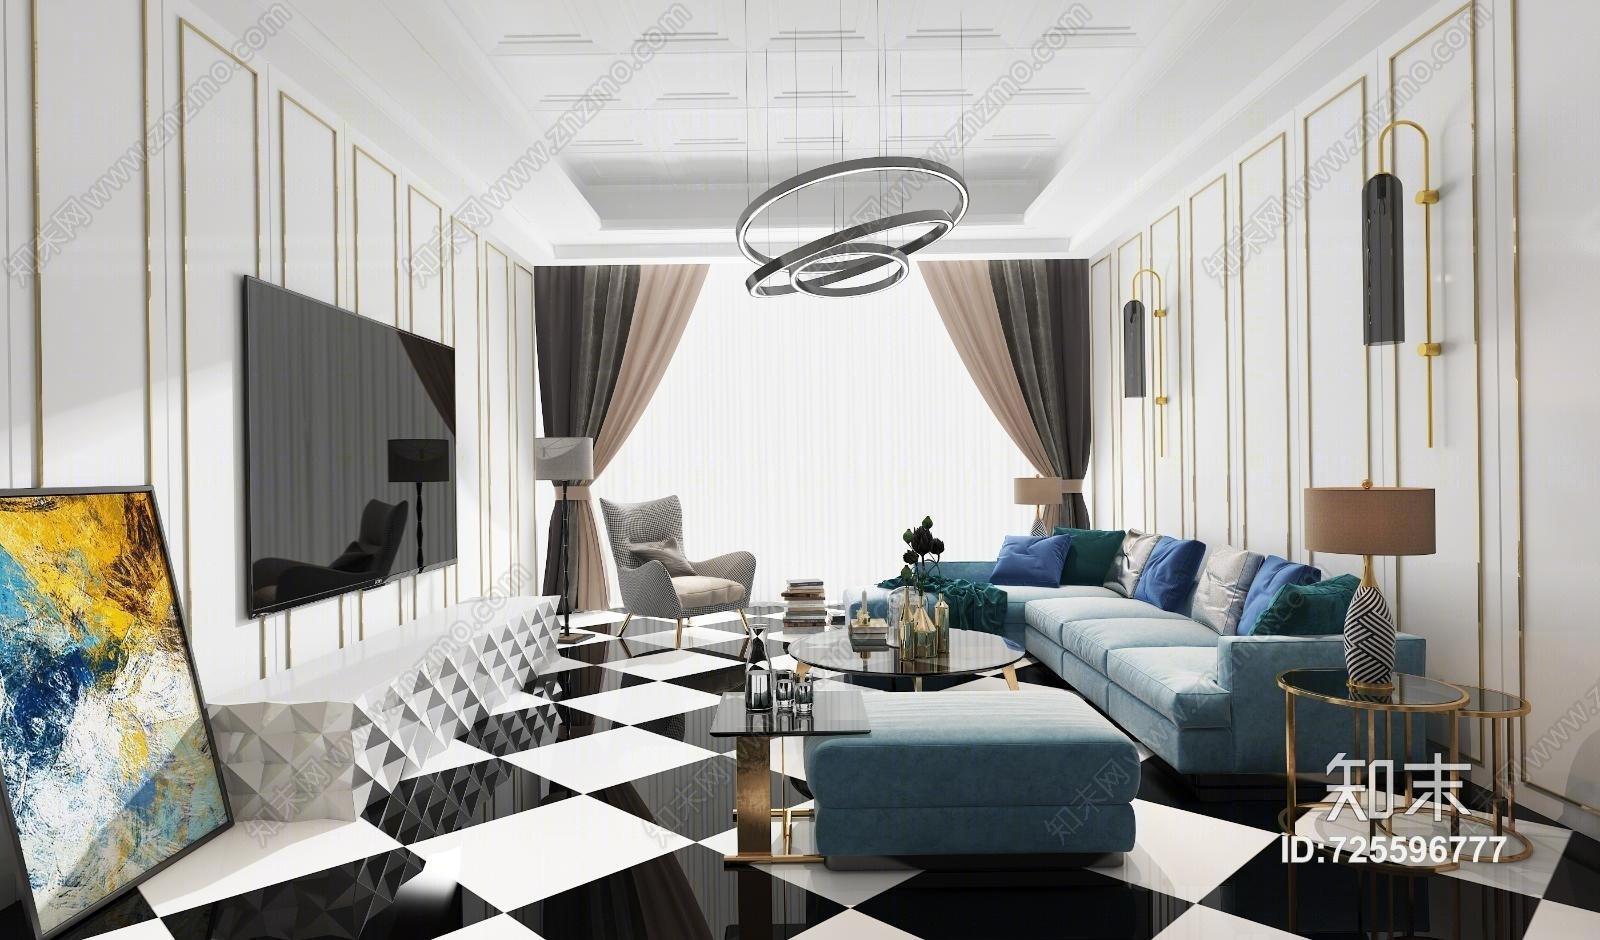 现代客厅 沙发茶几 陈设 吊灯 桌面摆件 挂画